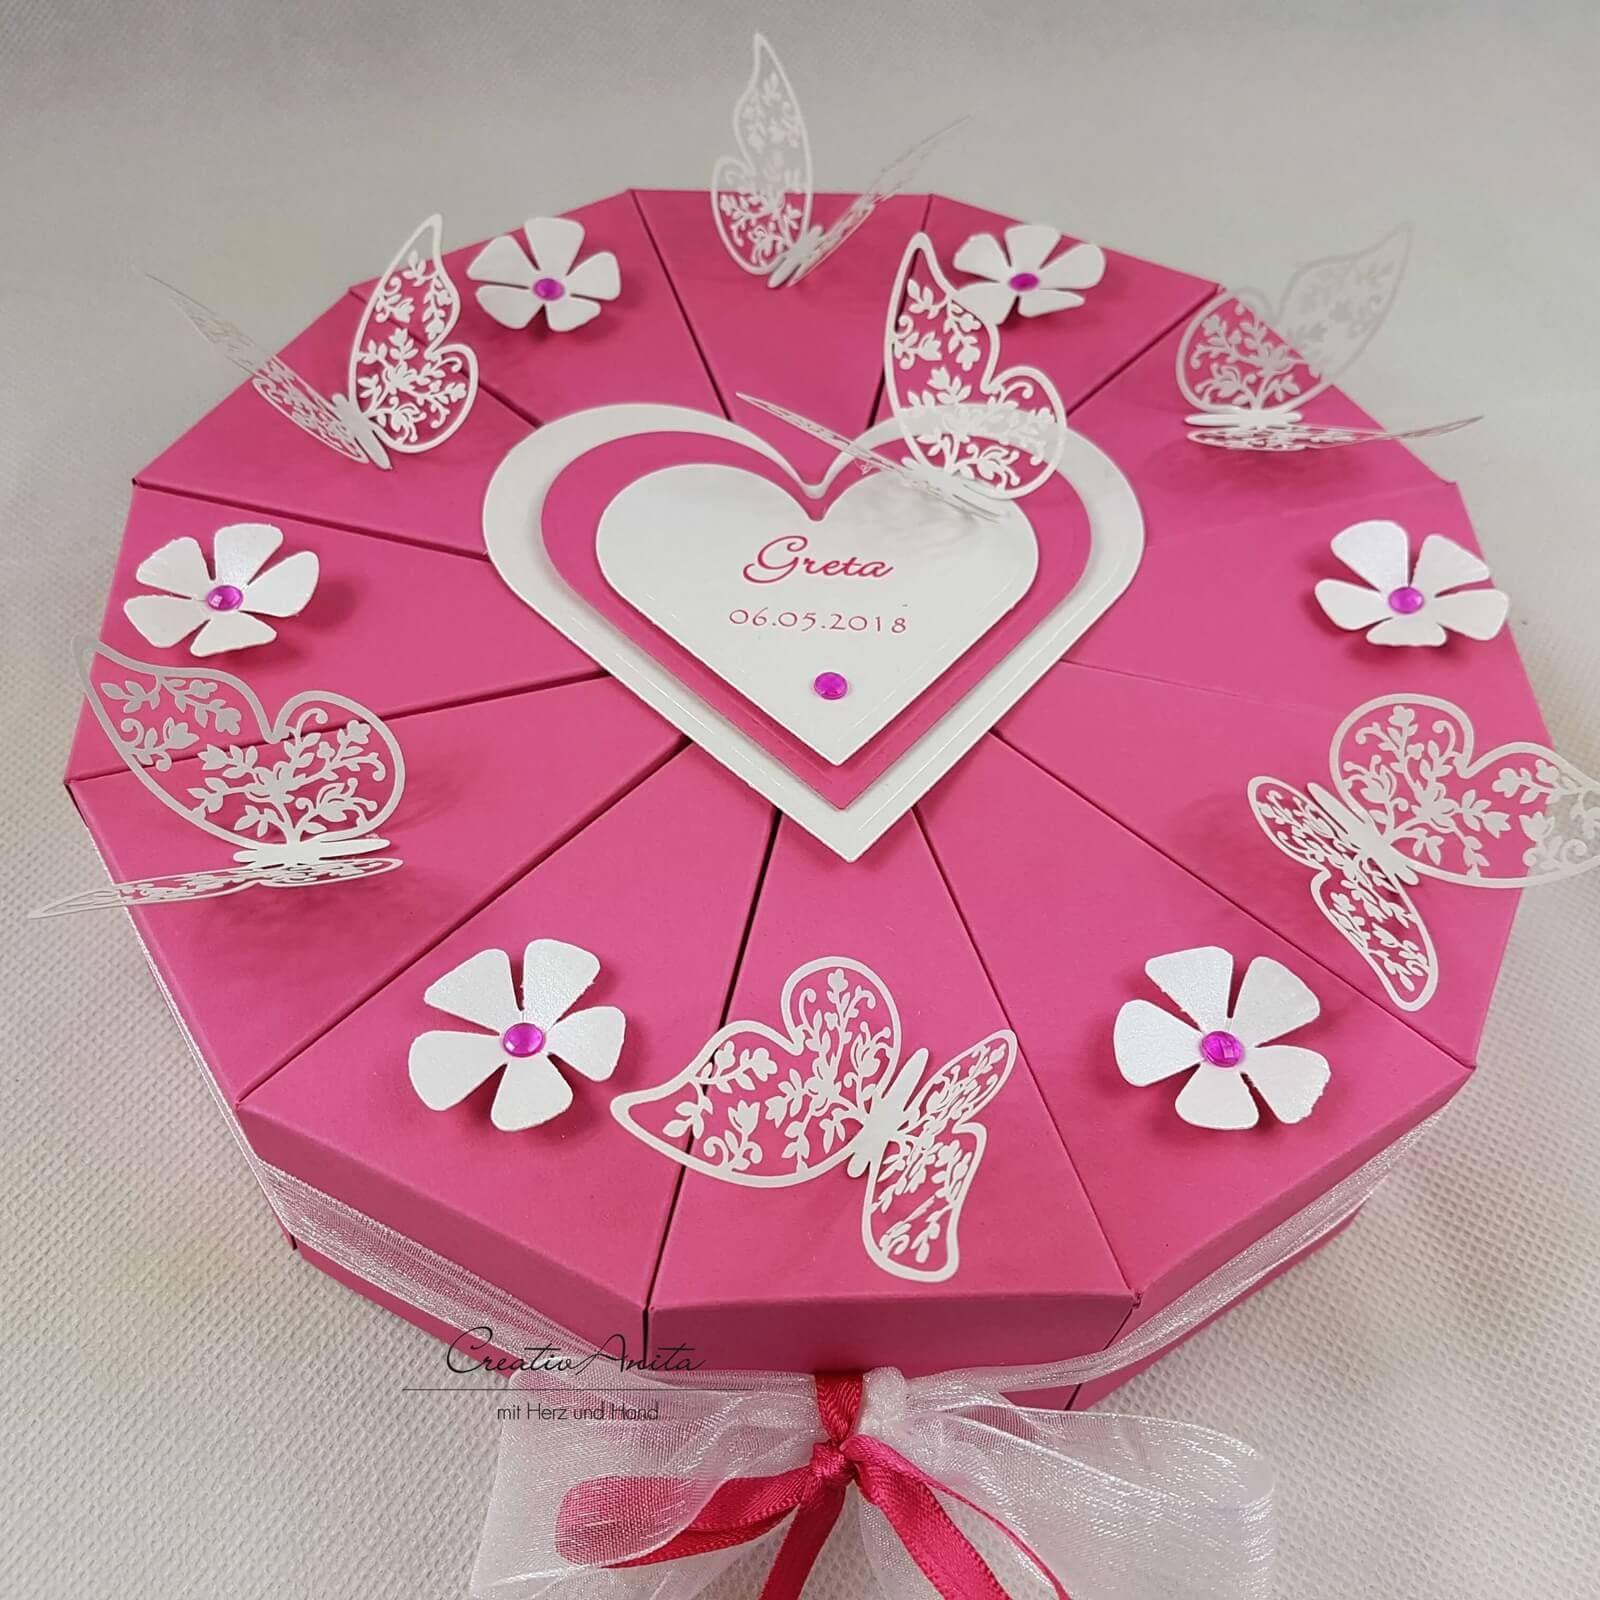 Coffret gâteau gâteau argent papillons rose argent gâteau cadeau 8279ce